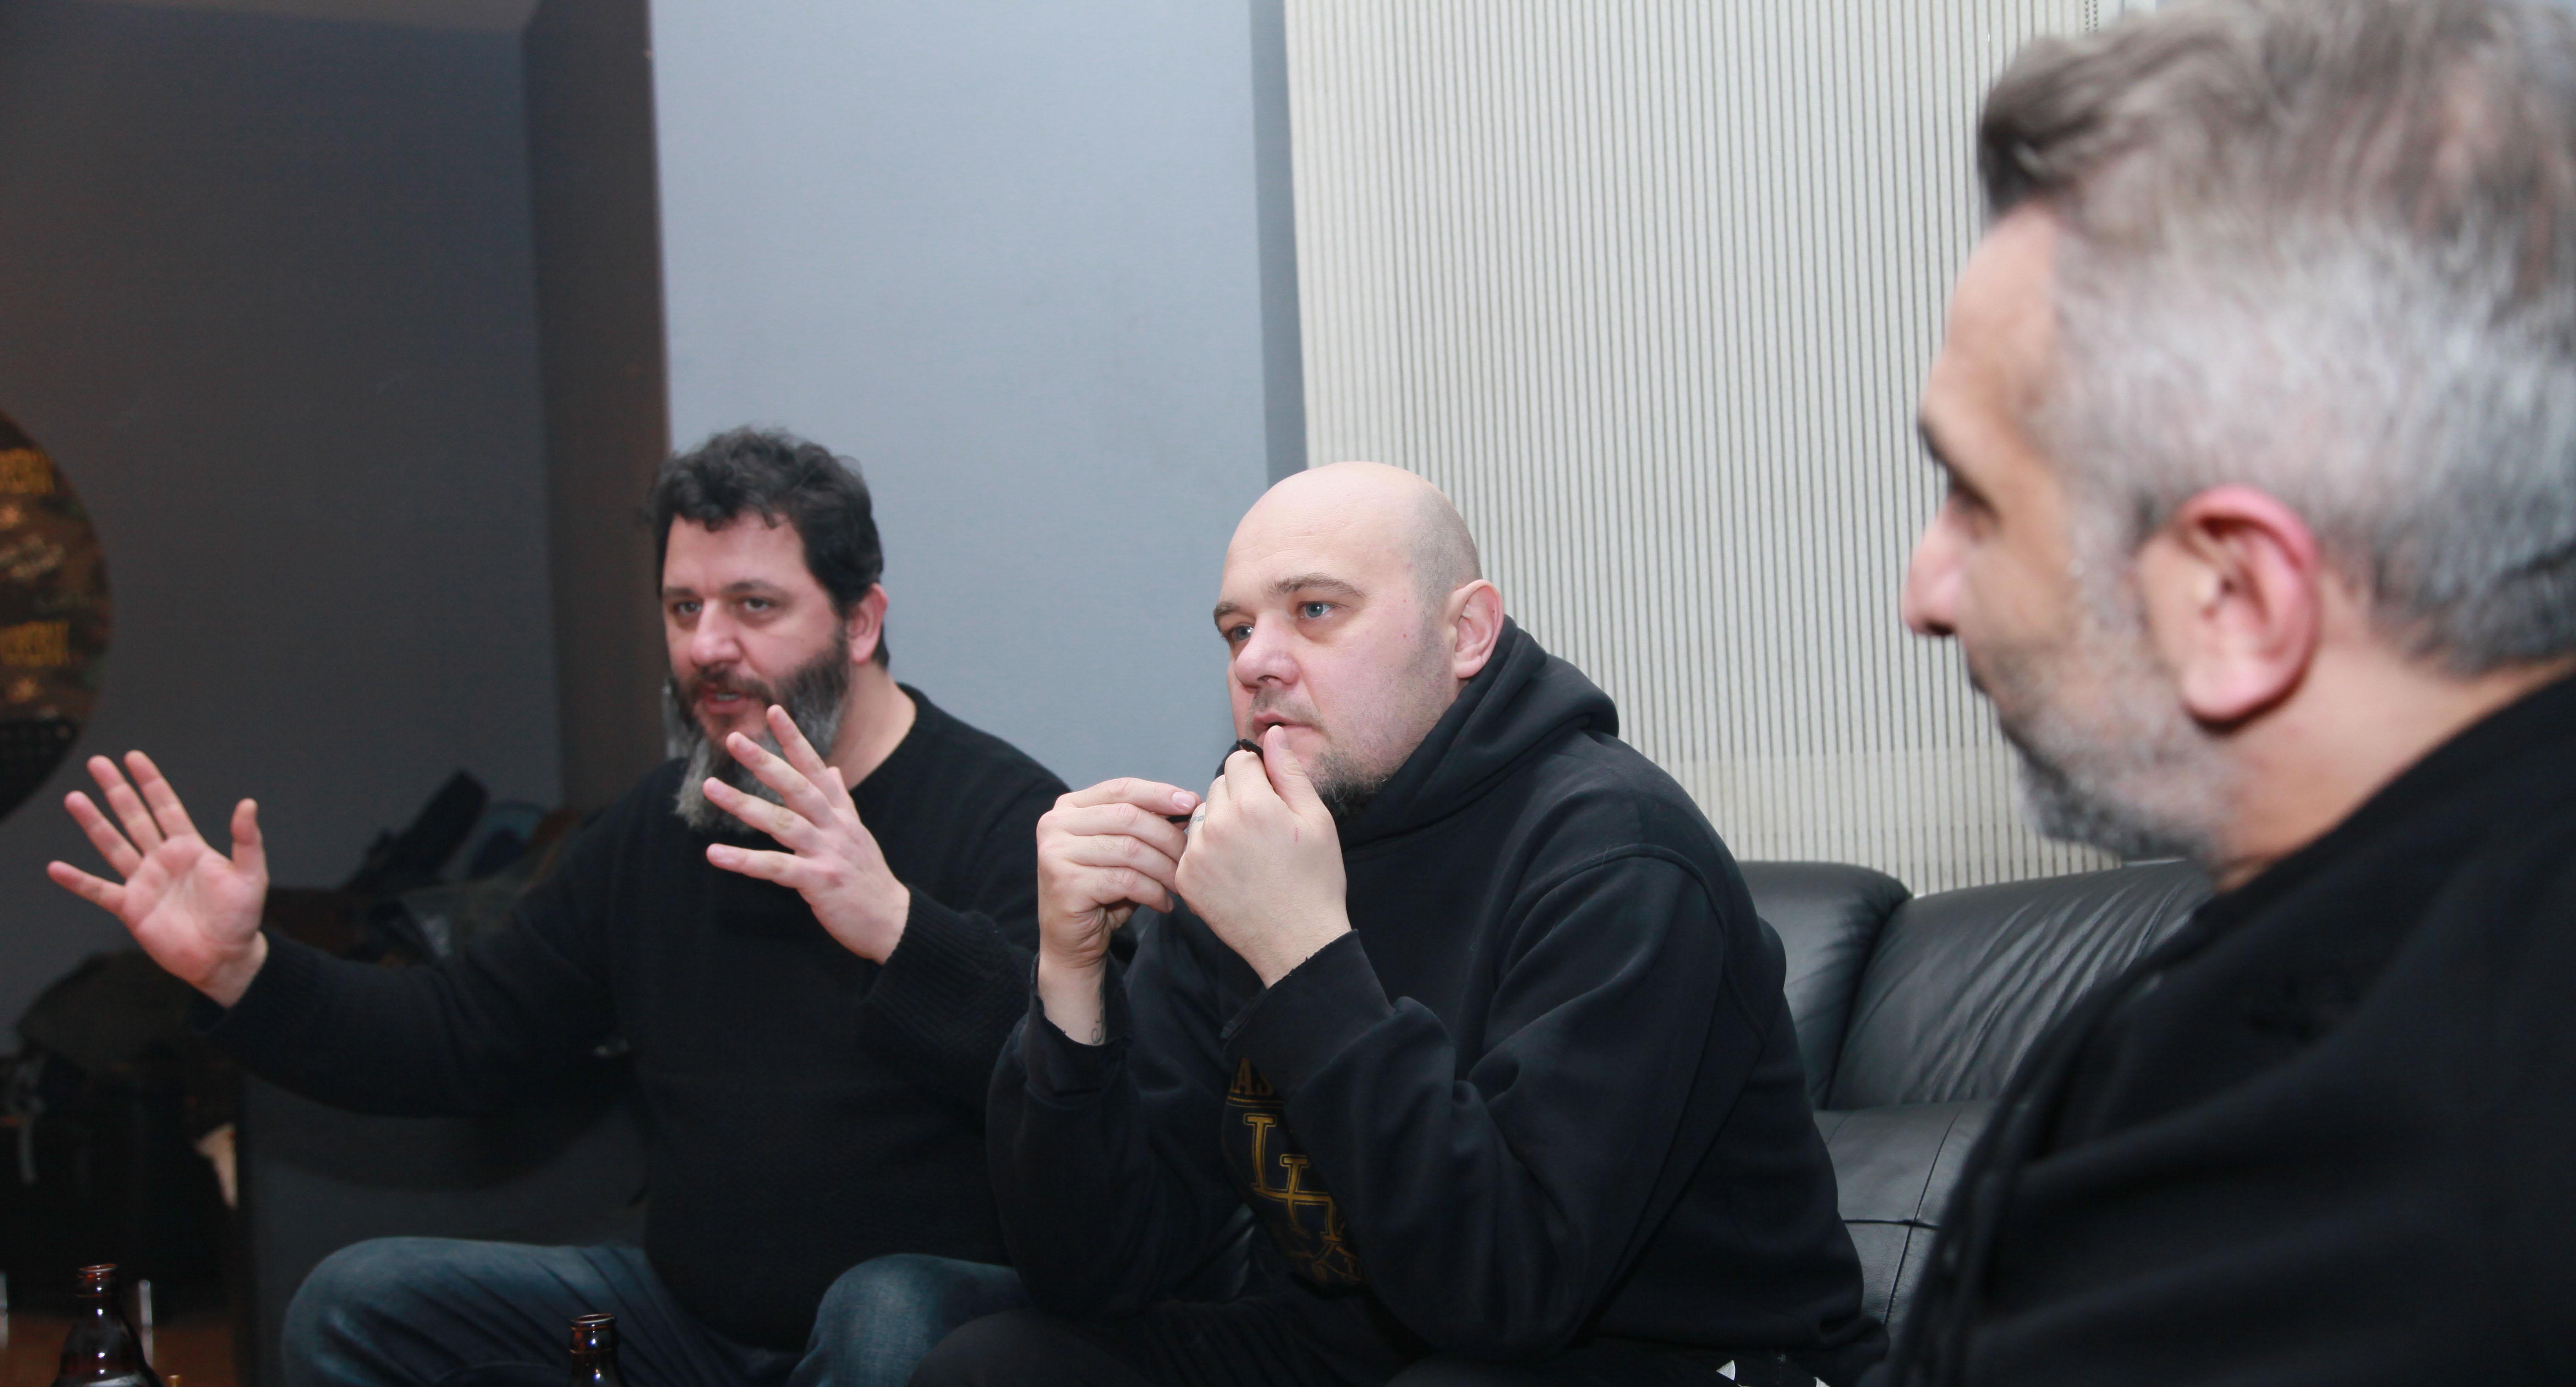 Soldan Sağa: Cenk Turanlı, Tanju Can, Atilla Tutumlu